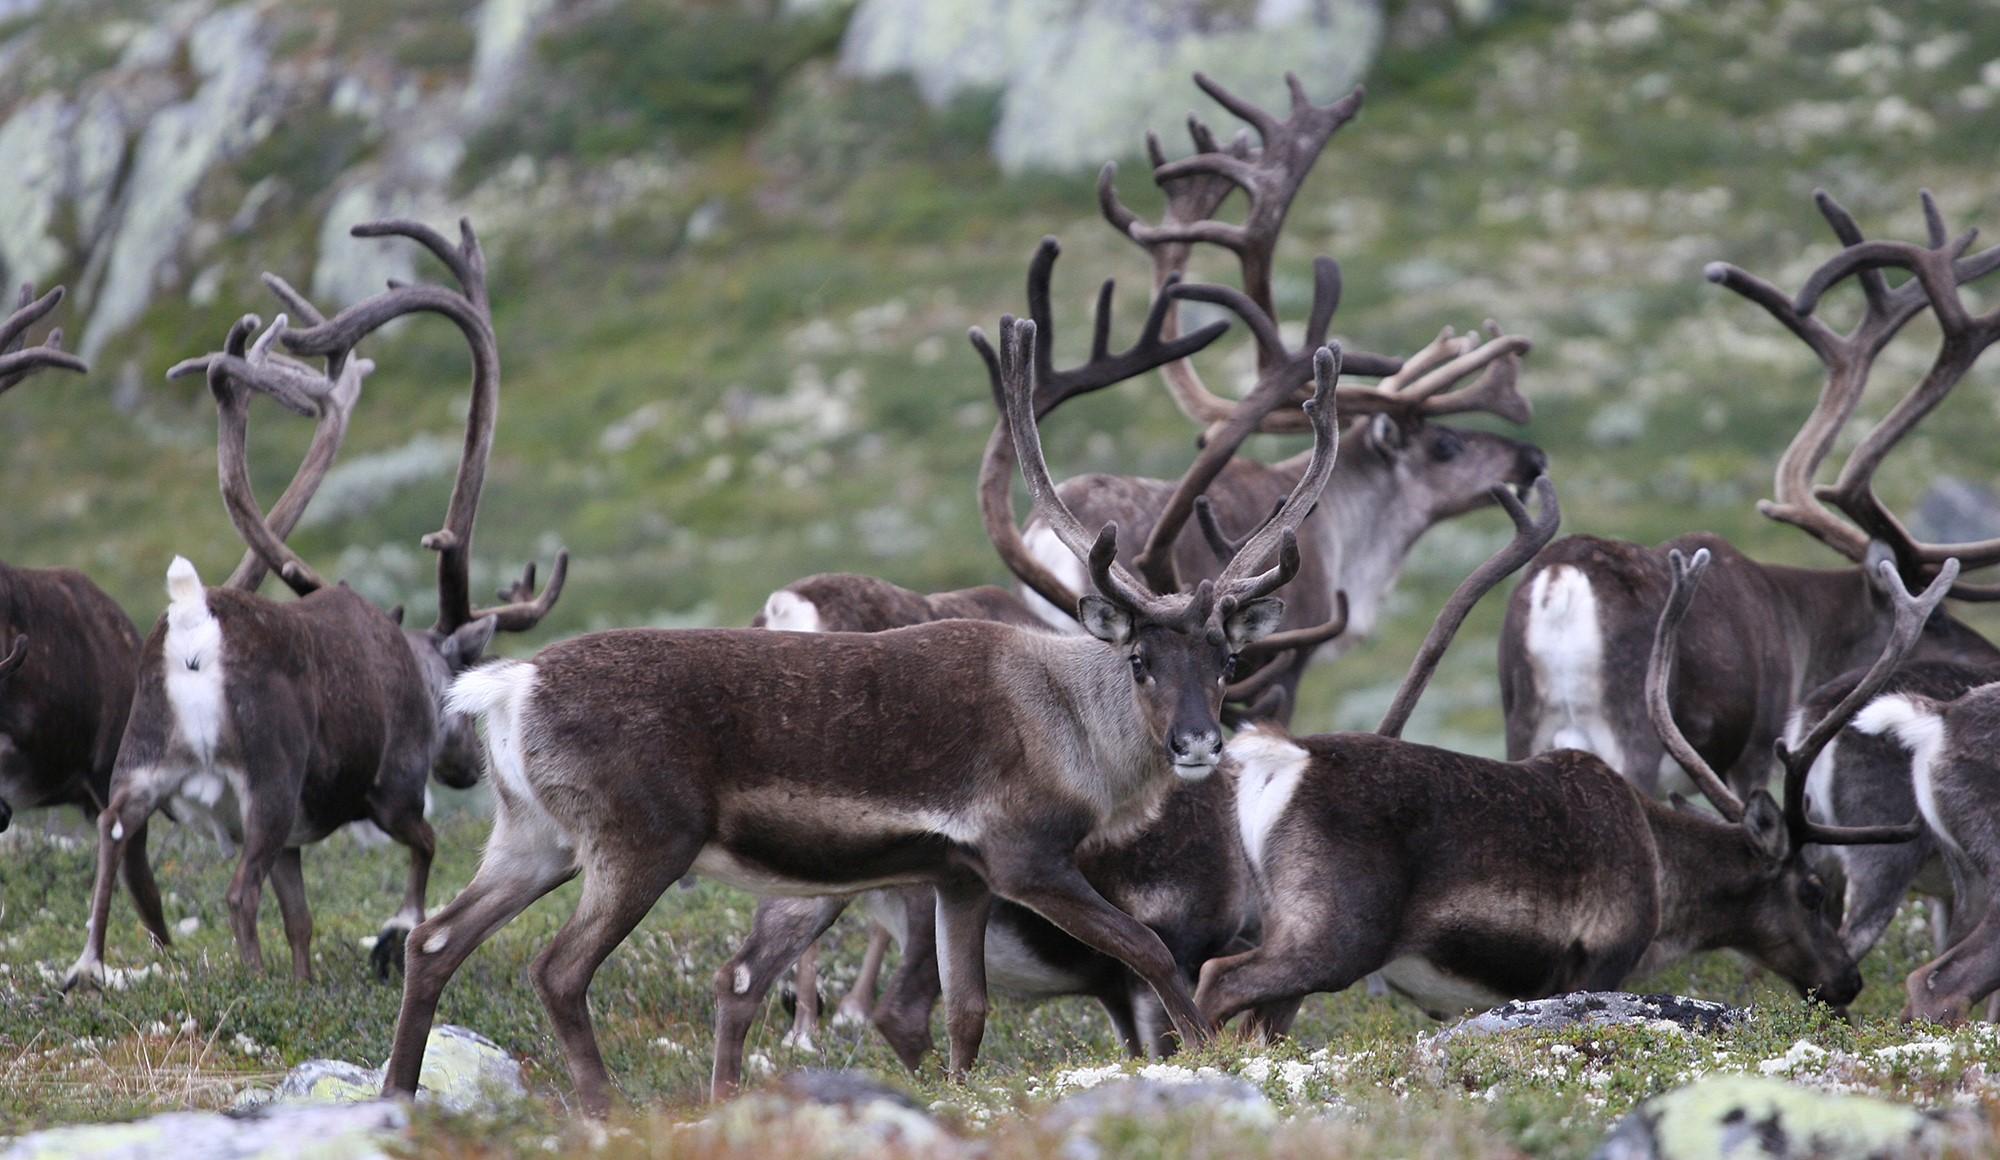 E it bilete av dagens villrein på Norefjell (Foto: Anders Mossing).